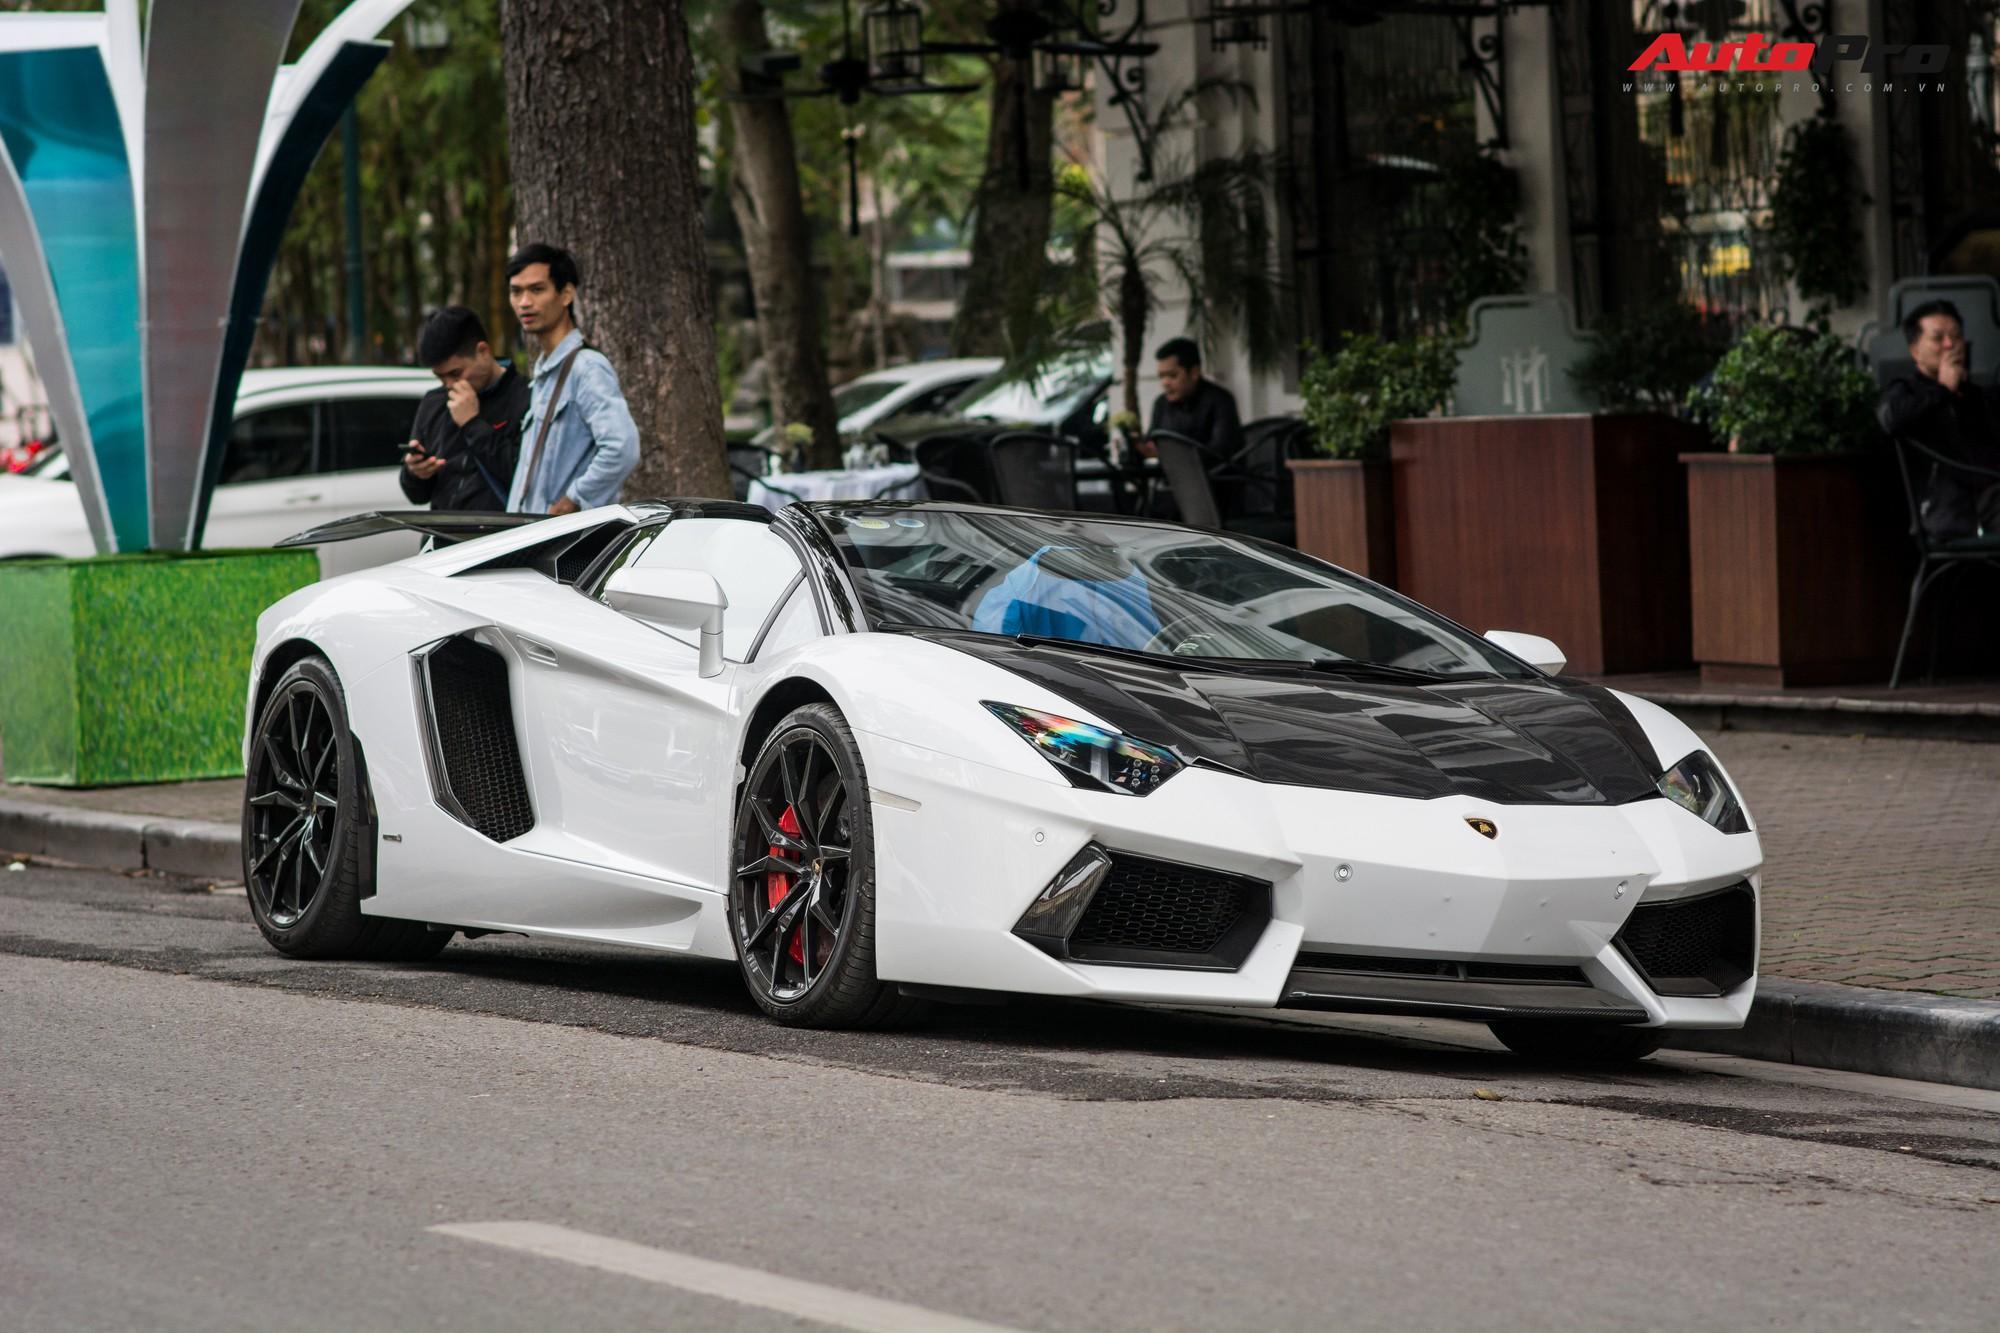 Kết quả hình ảnh cho Thứ 3: Sedan Lamborghini